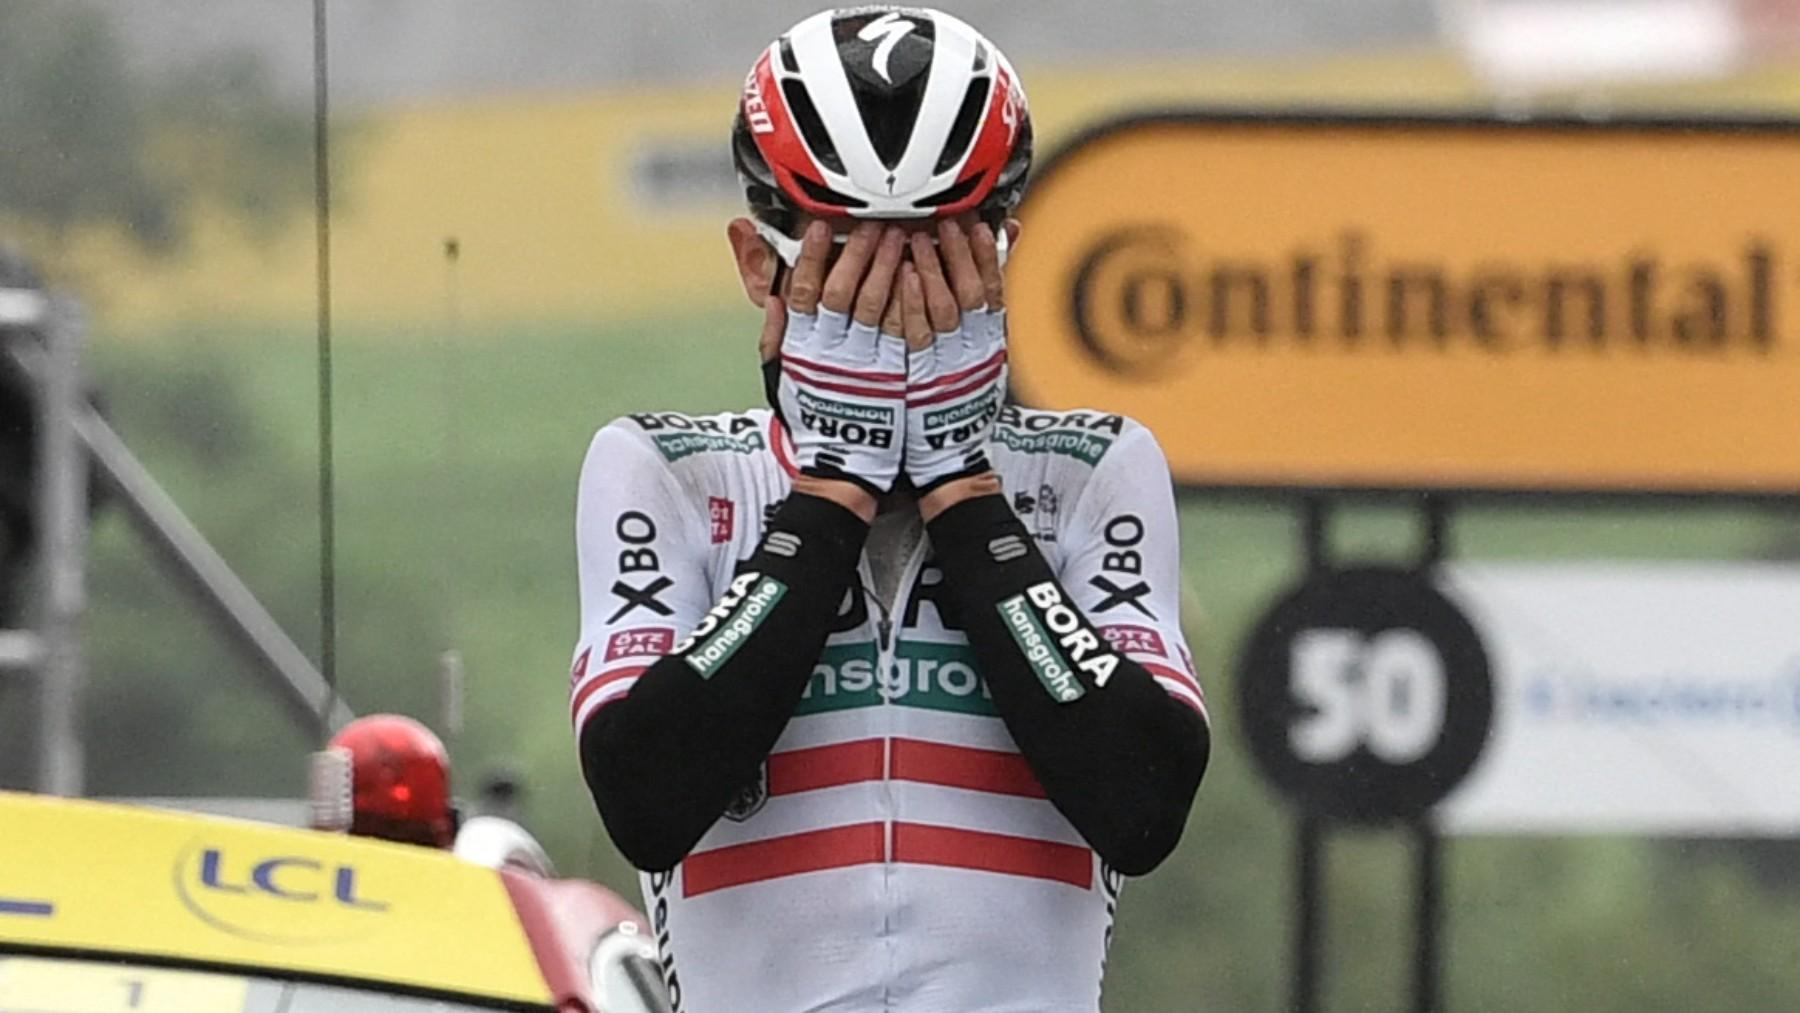 Konrad ganó la etapa del Tour de Francia. (AFP)